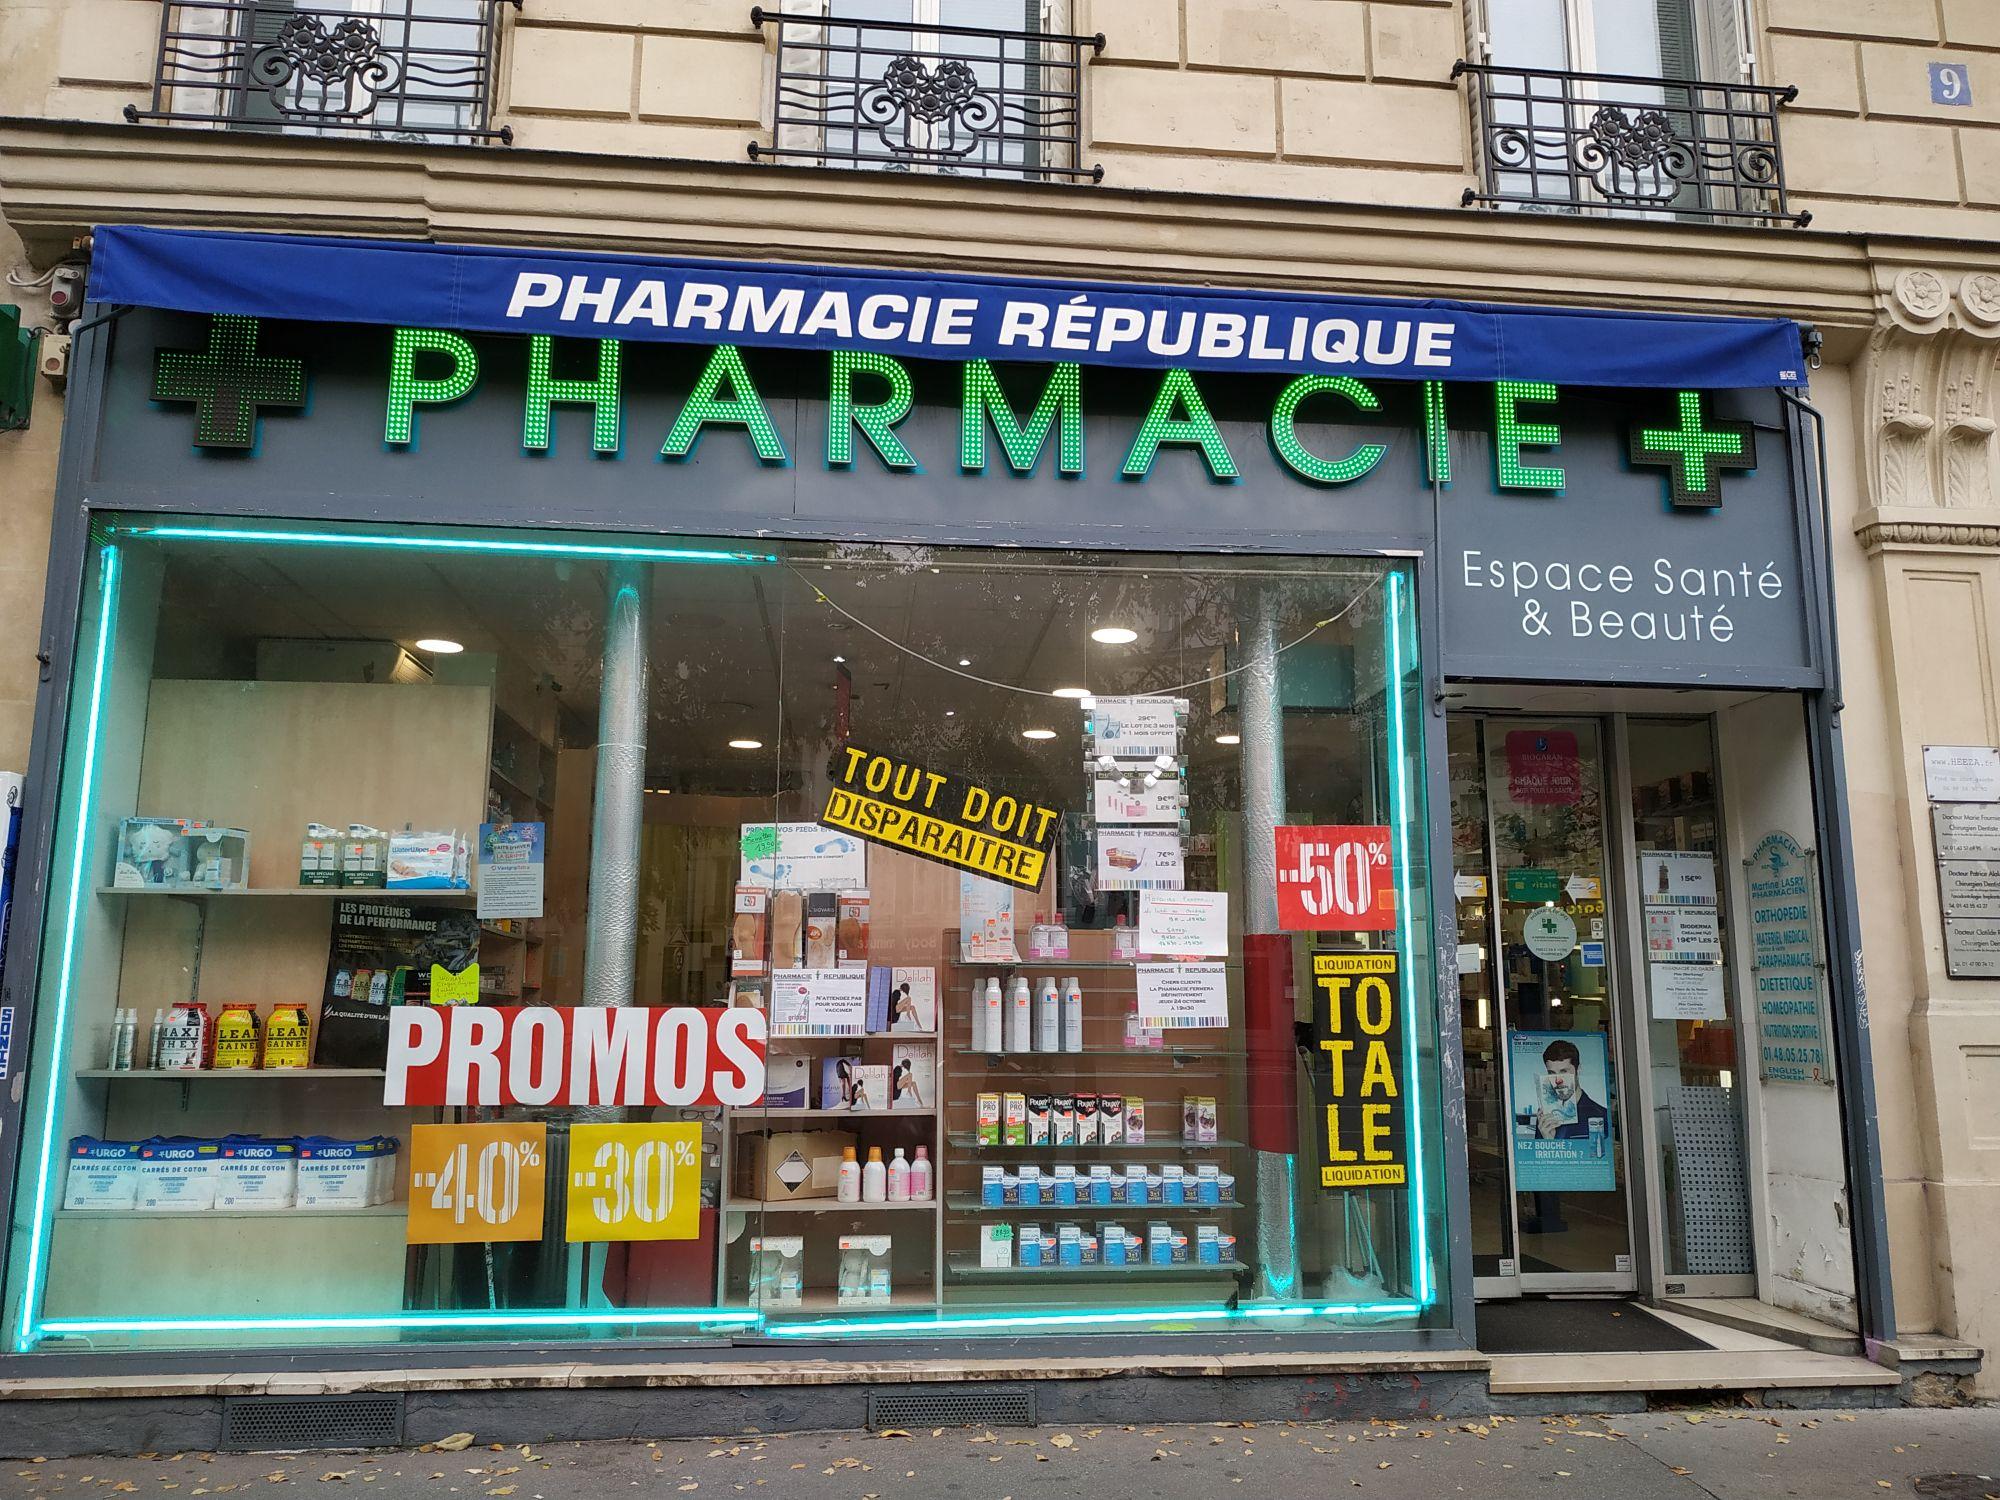 Jusqu'à 50% de réduction - Pharmacie République (75)